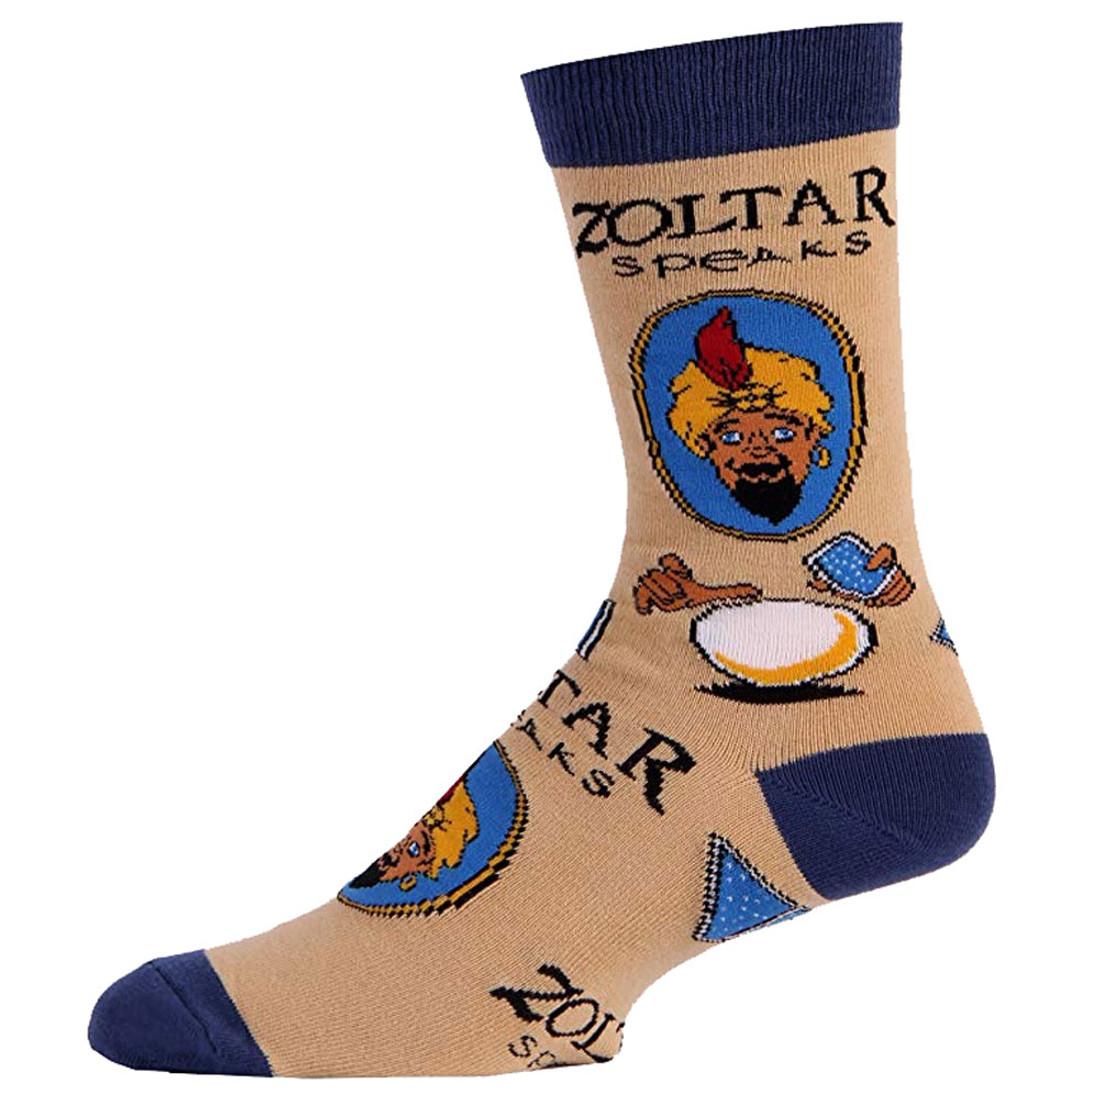 Men's Crew Socks Zoltar Fortune Teller Tan